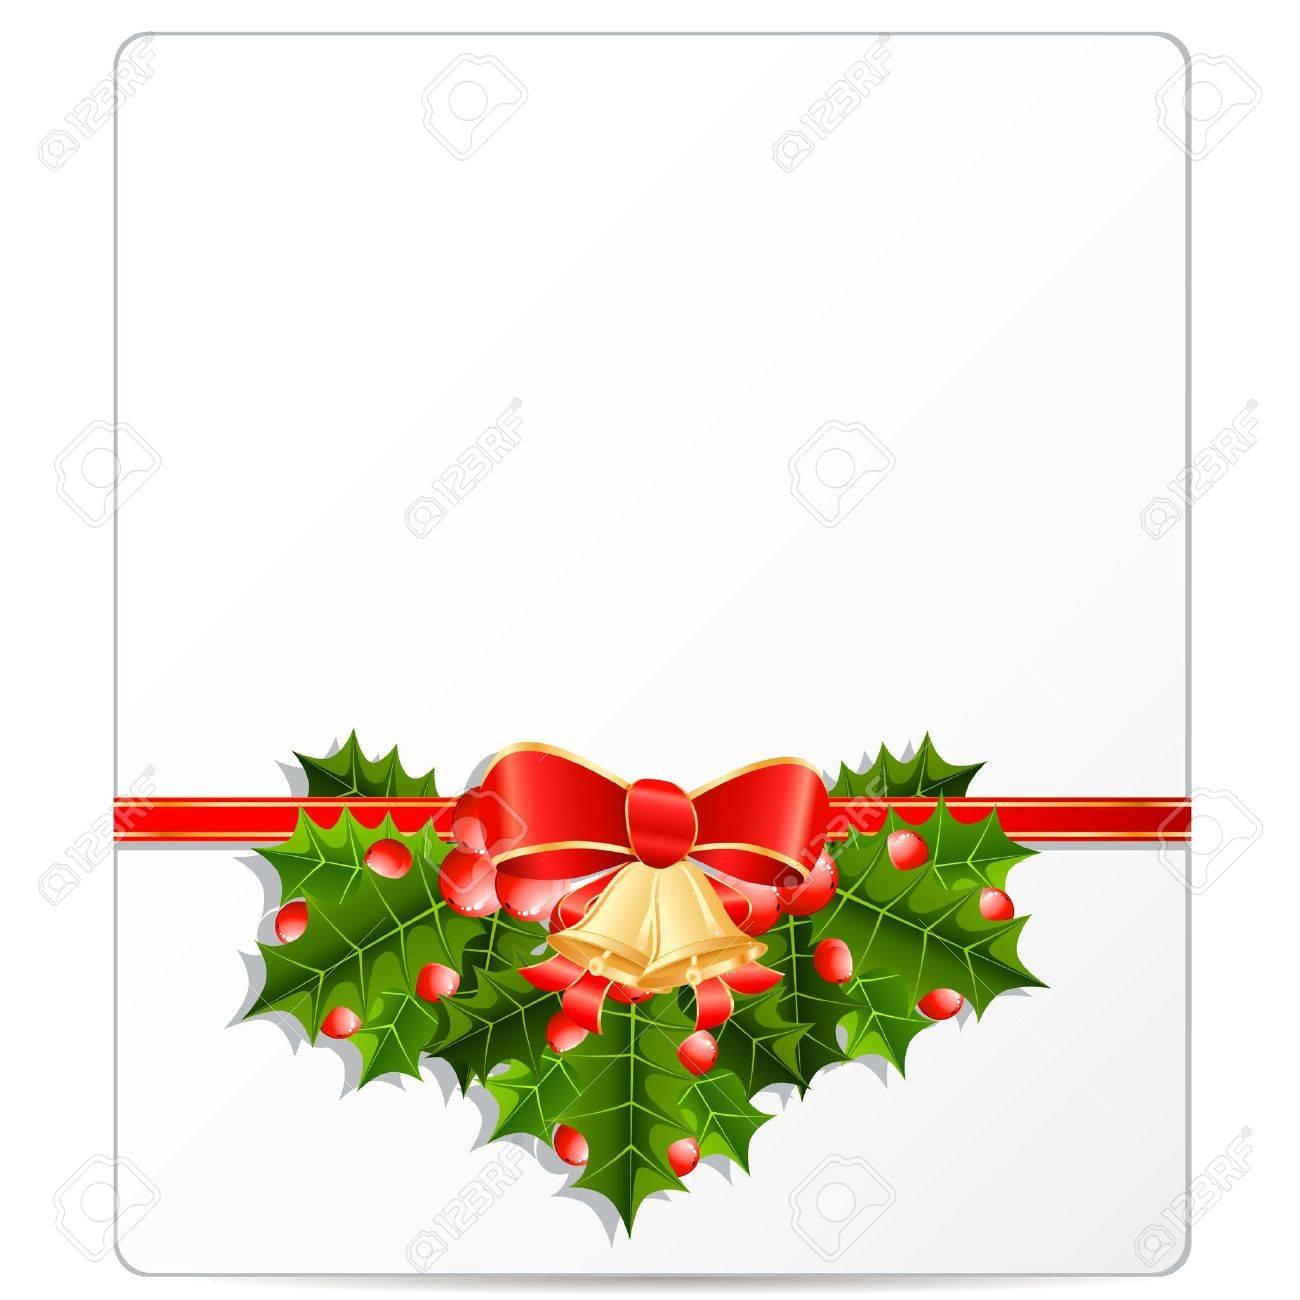 Christmas wish list and Christmas decoration Stock Vector - 16311642